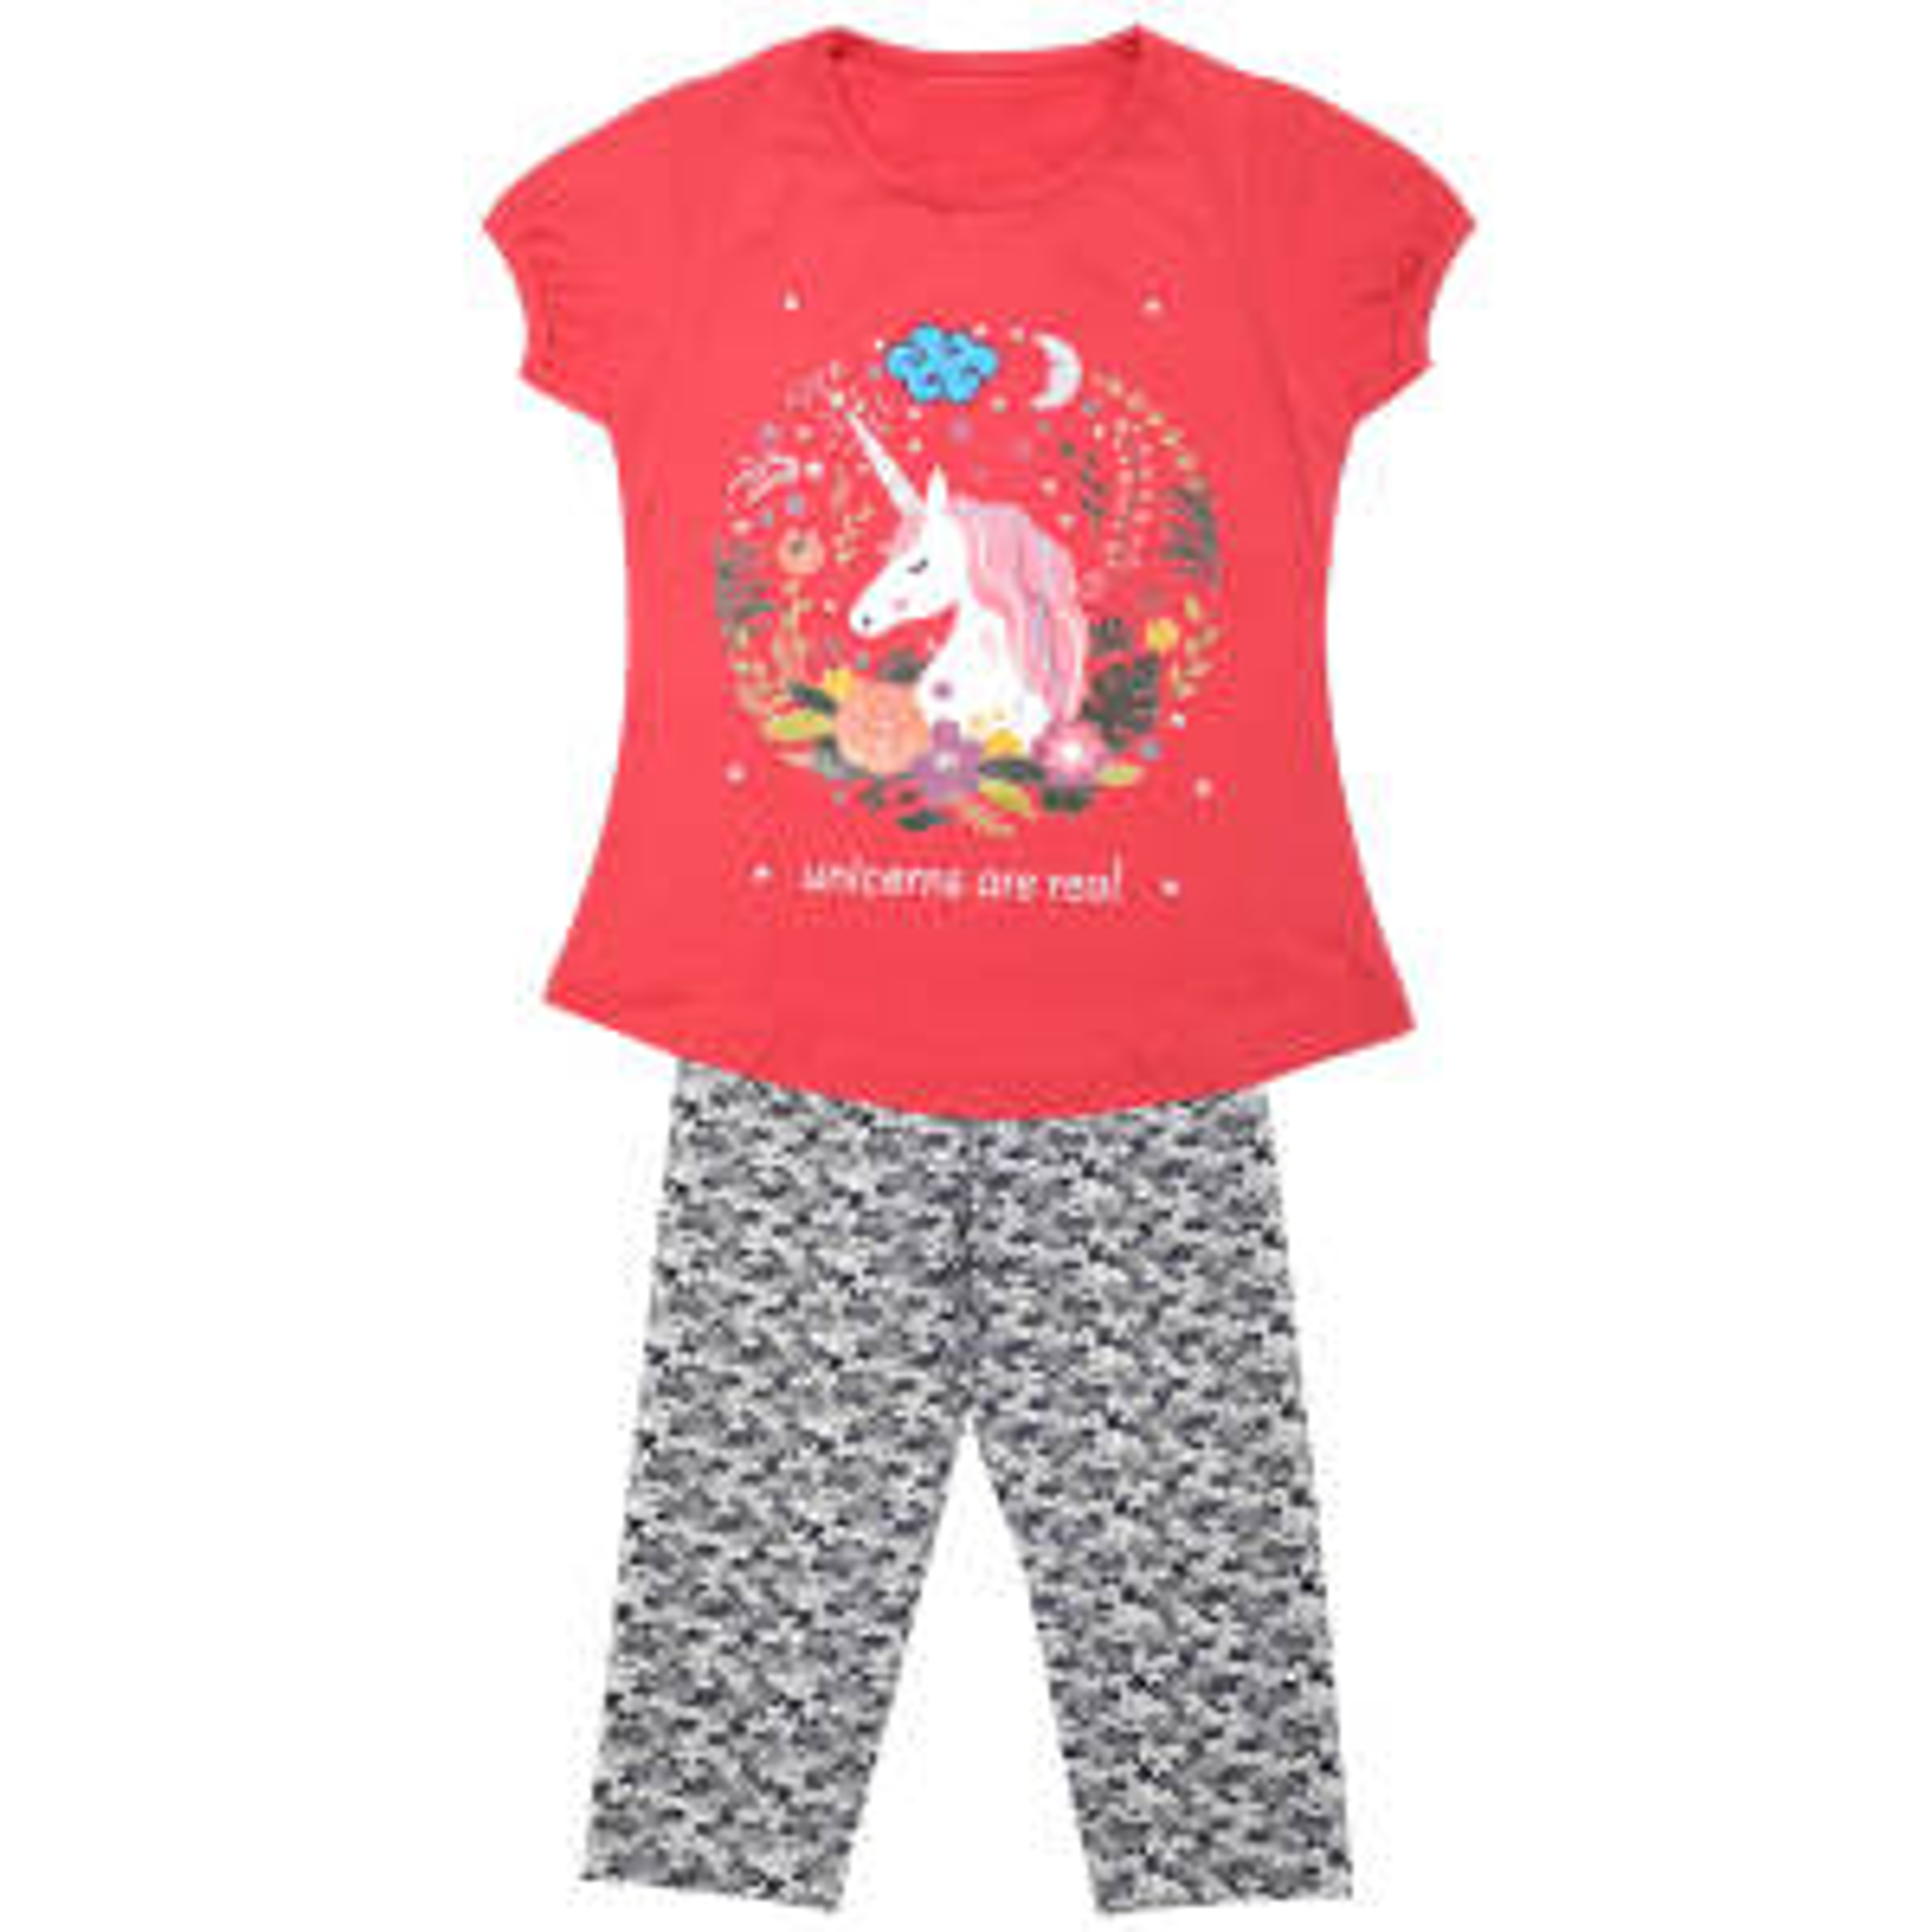 ست تی شرت و شلوارک دخترانه مدل اسب تک شاخ کد 3307 رنگ مرجانی